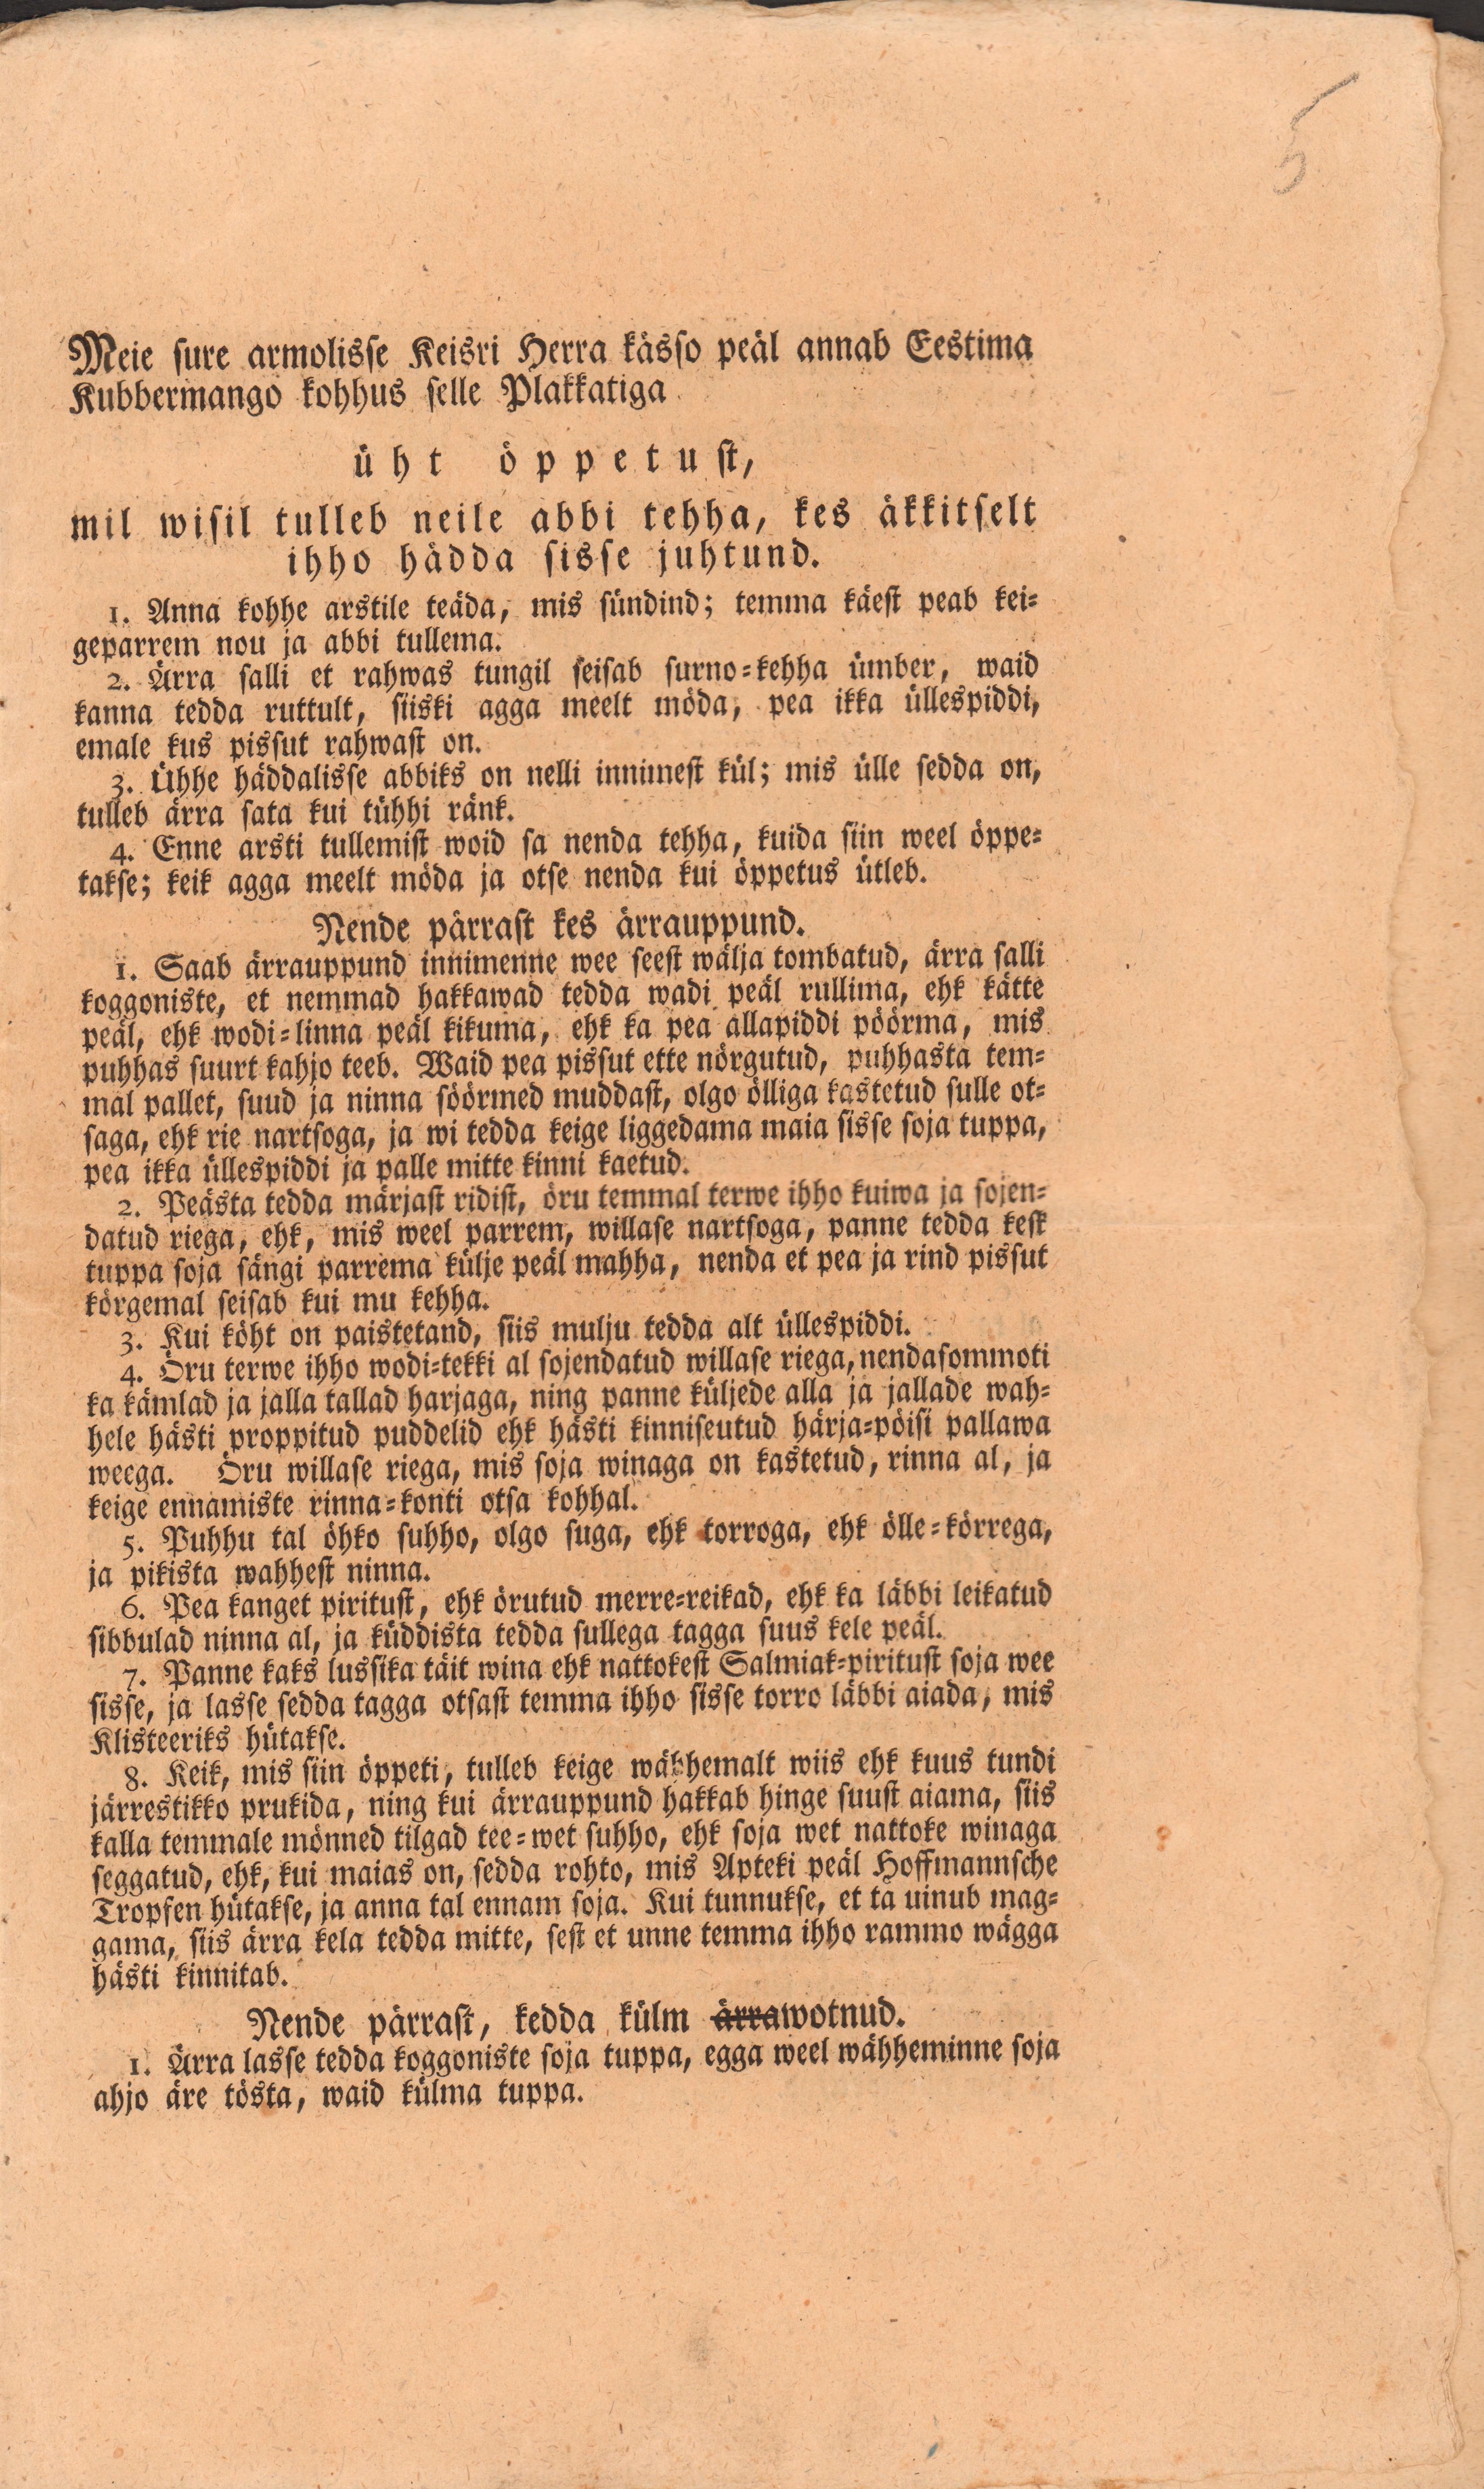 Esmaabi juhend aastast 1830. eaa.1215.1.38(1)